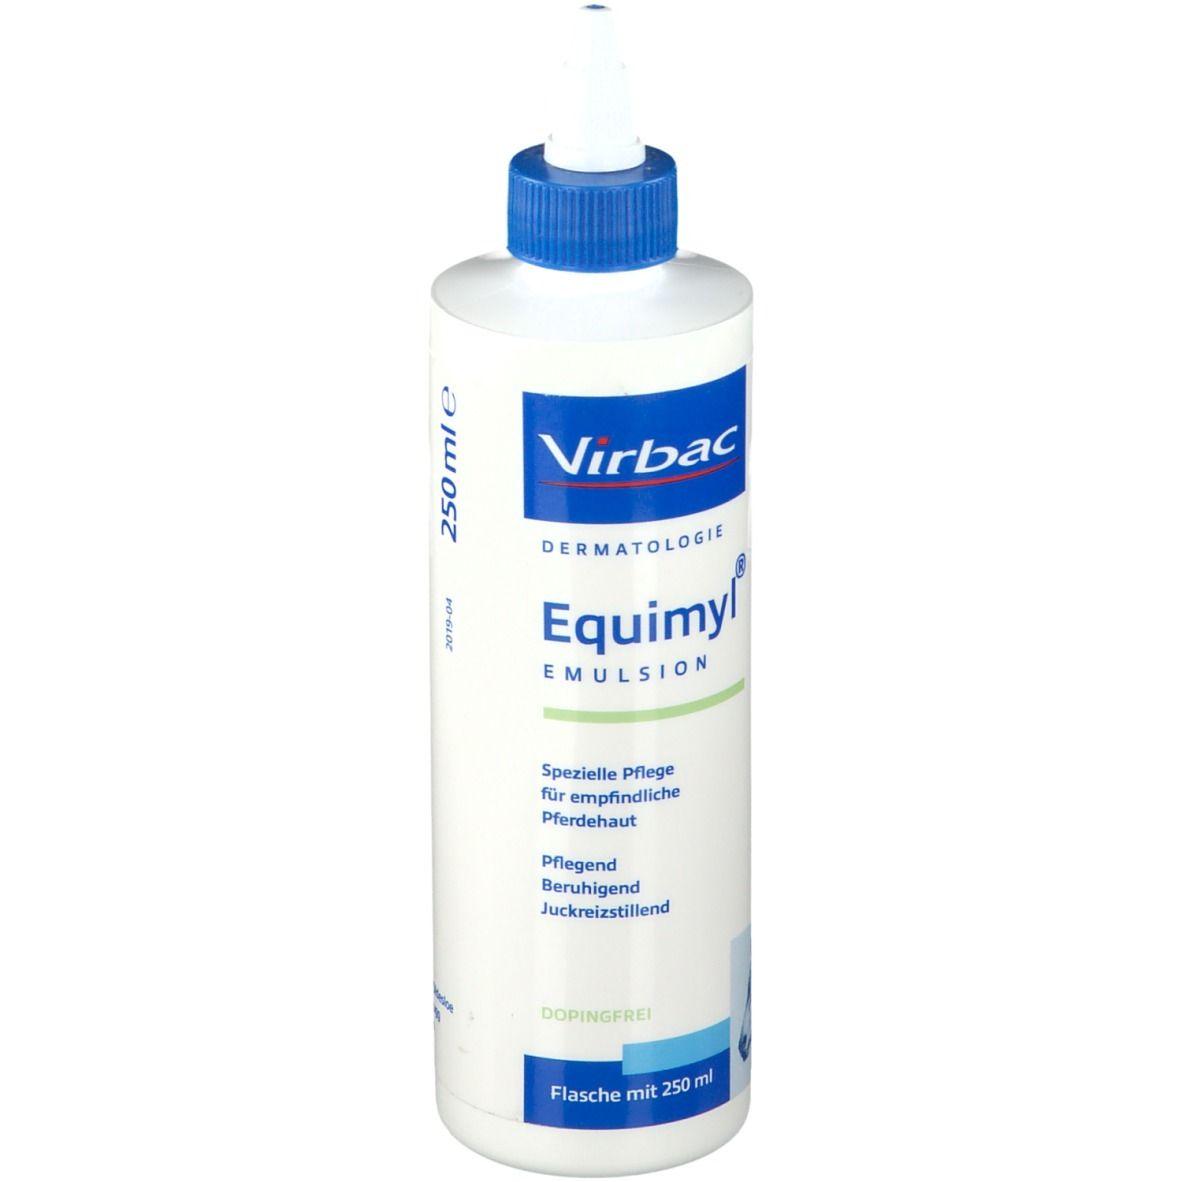 Equimyl® Emulsion